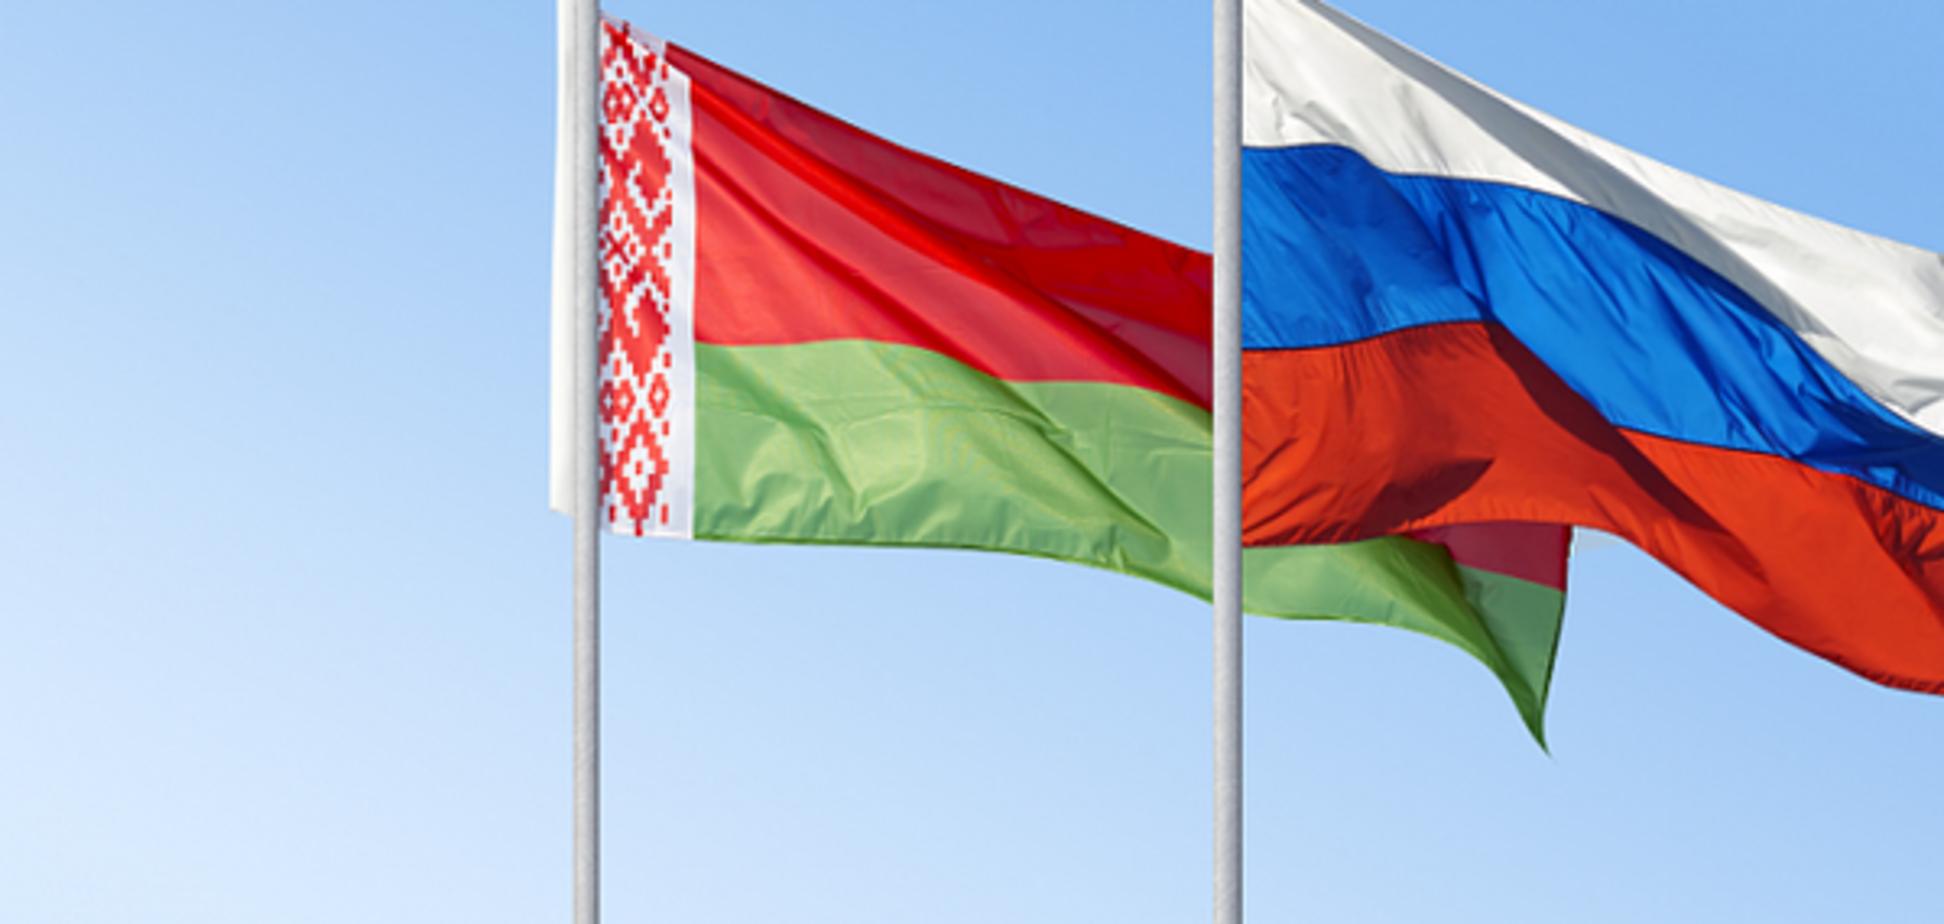 Россия и Беларусь создадут новое государство к 2022 году